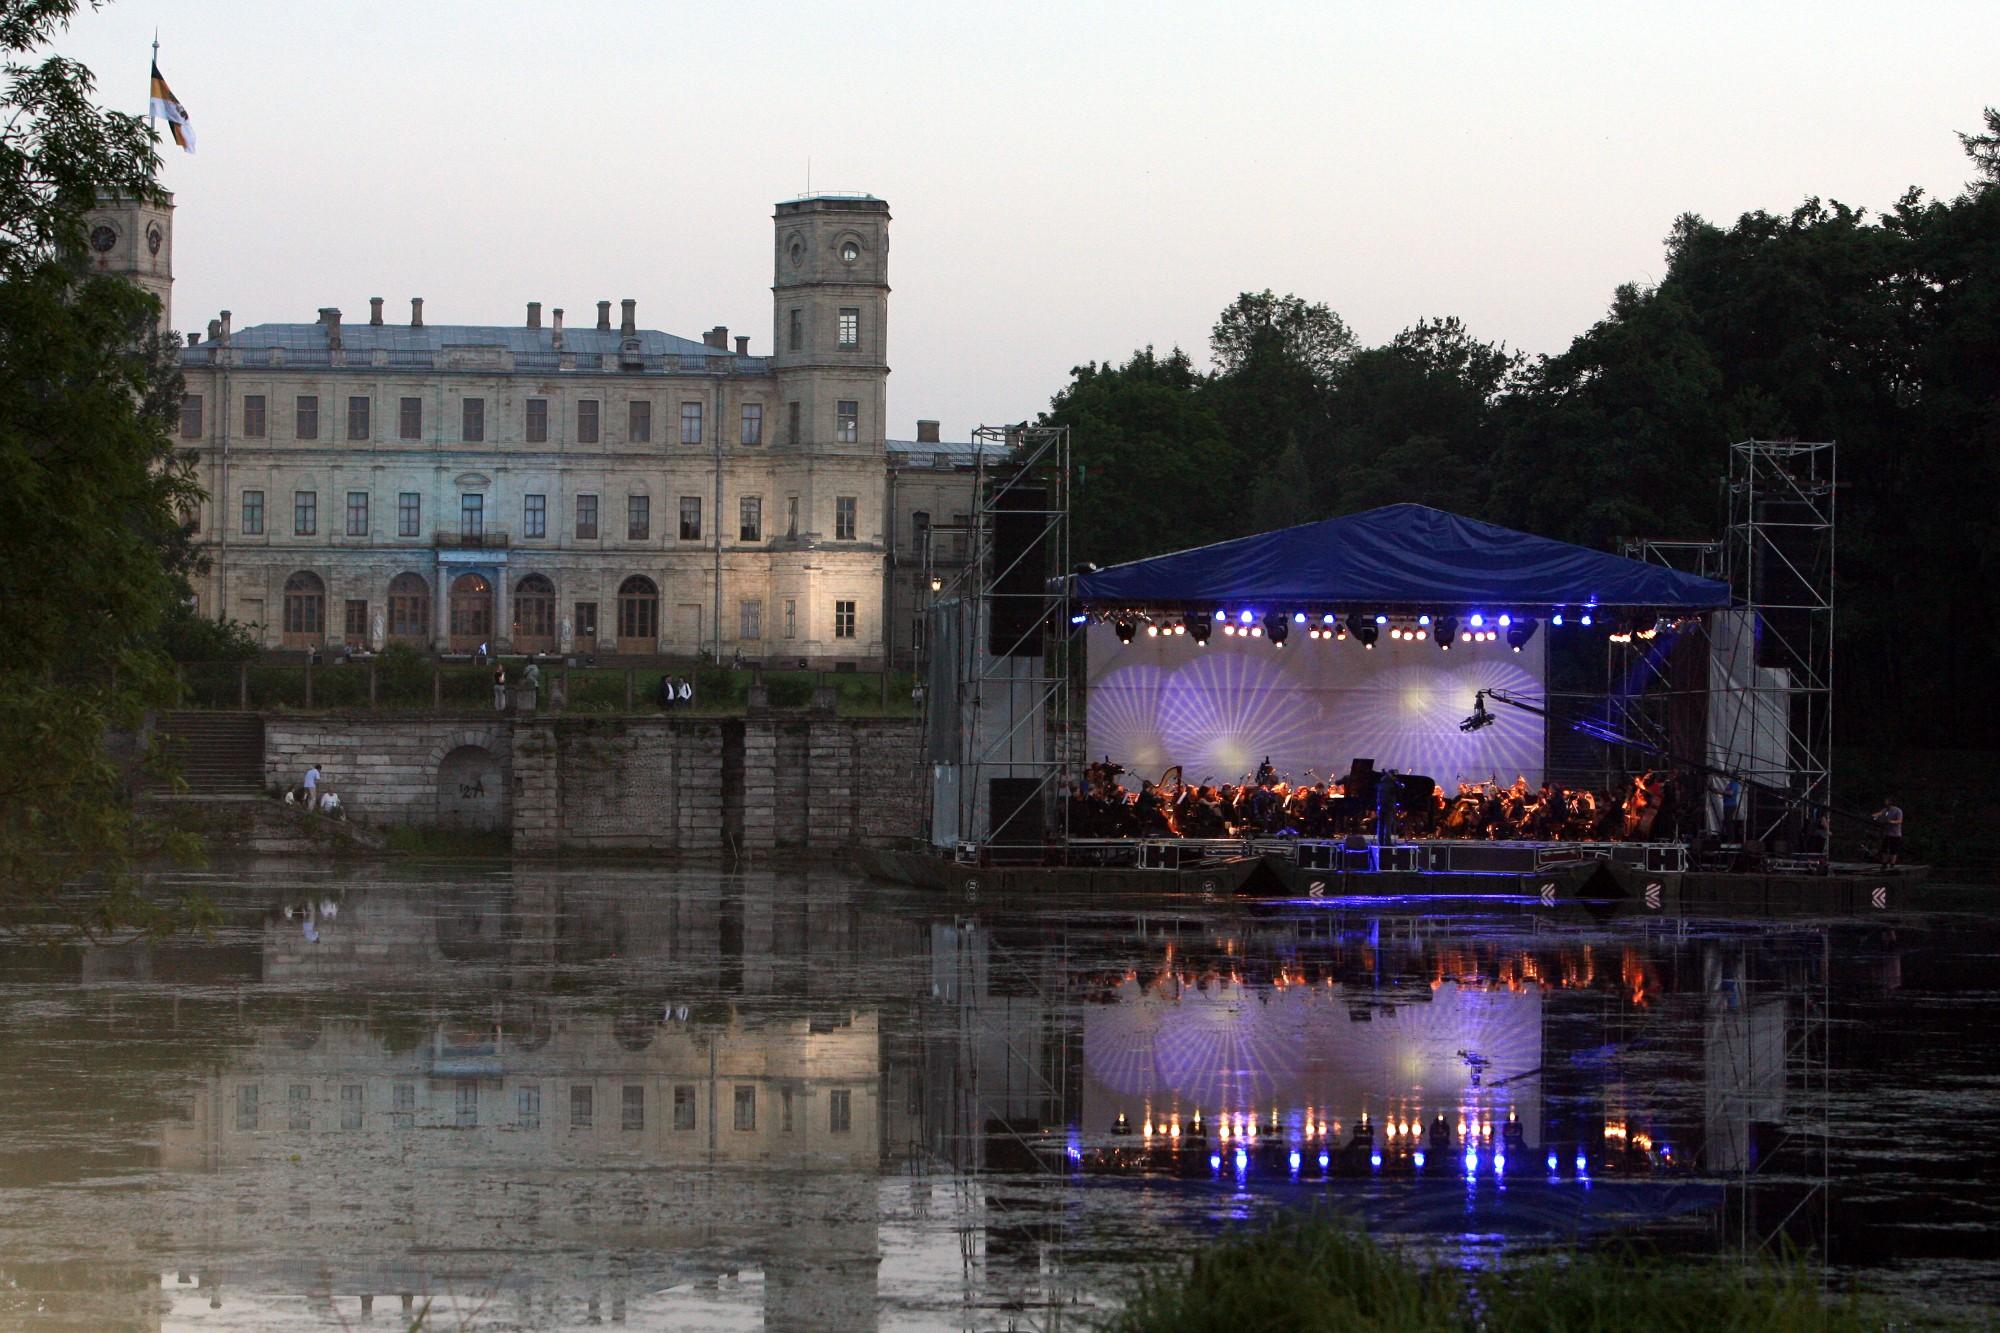 """Фестиваль """"Ночь музыки"""" в Гатчине. Фото: Илья Снопченко / ИА """"Диалог"""""""